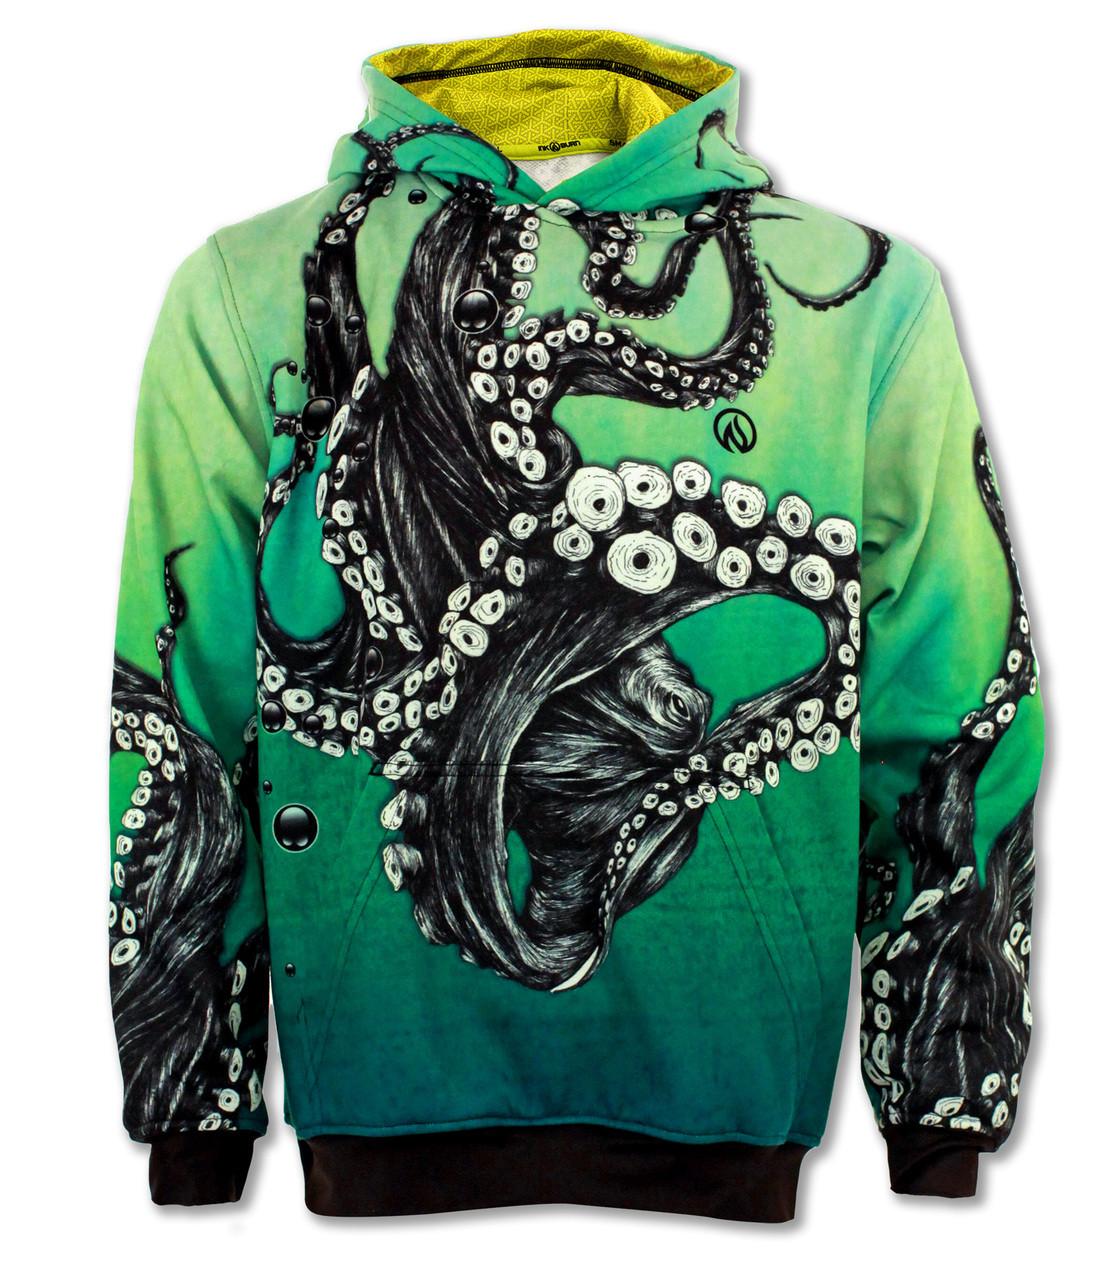 INKnBURN Octopus Hoodie Front with Hood Down